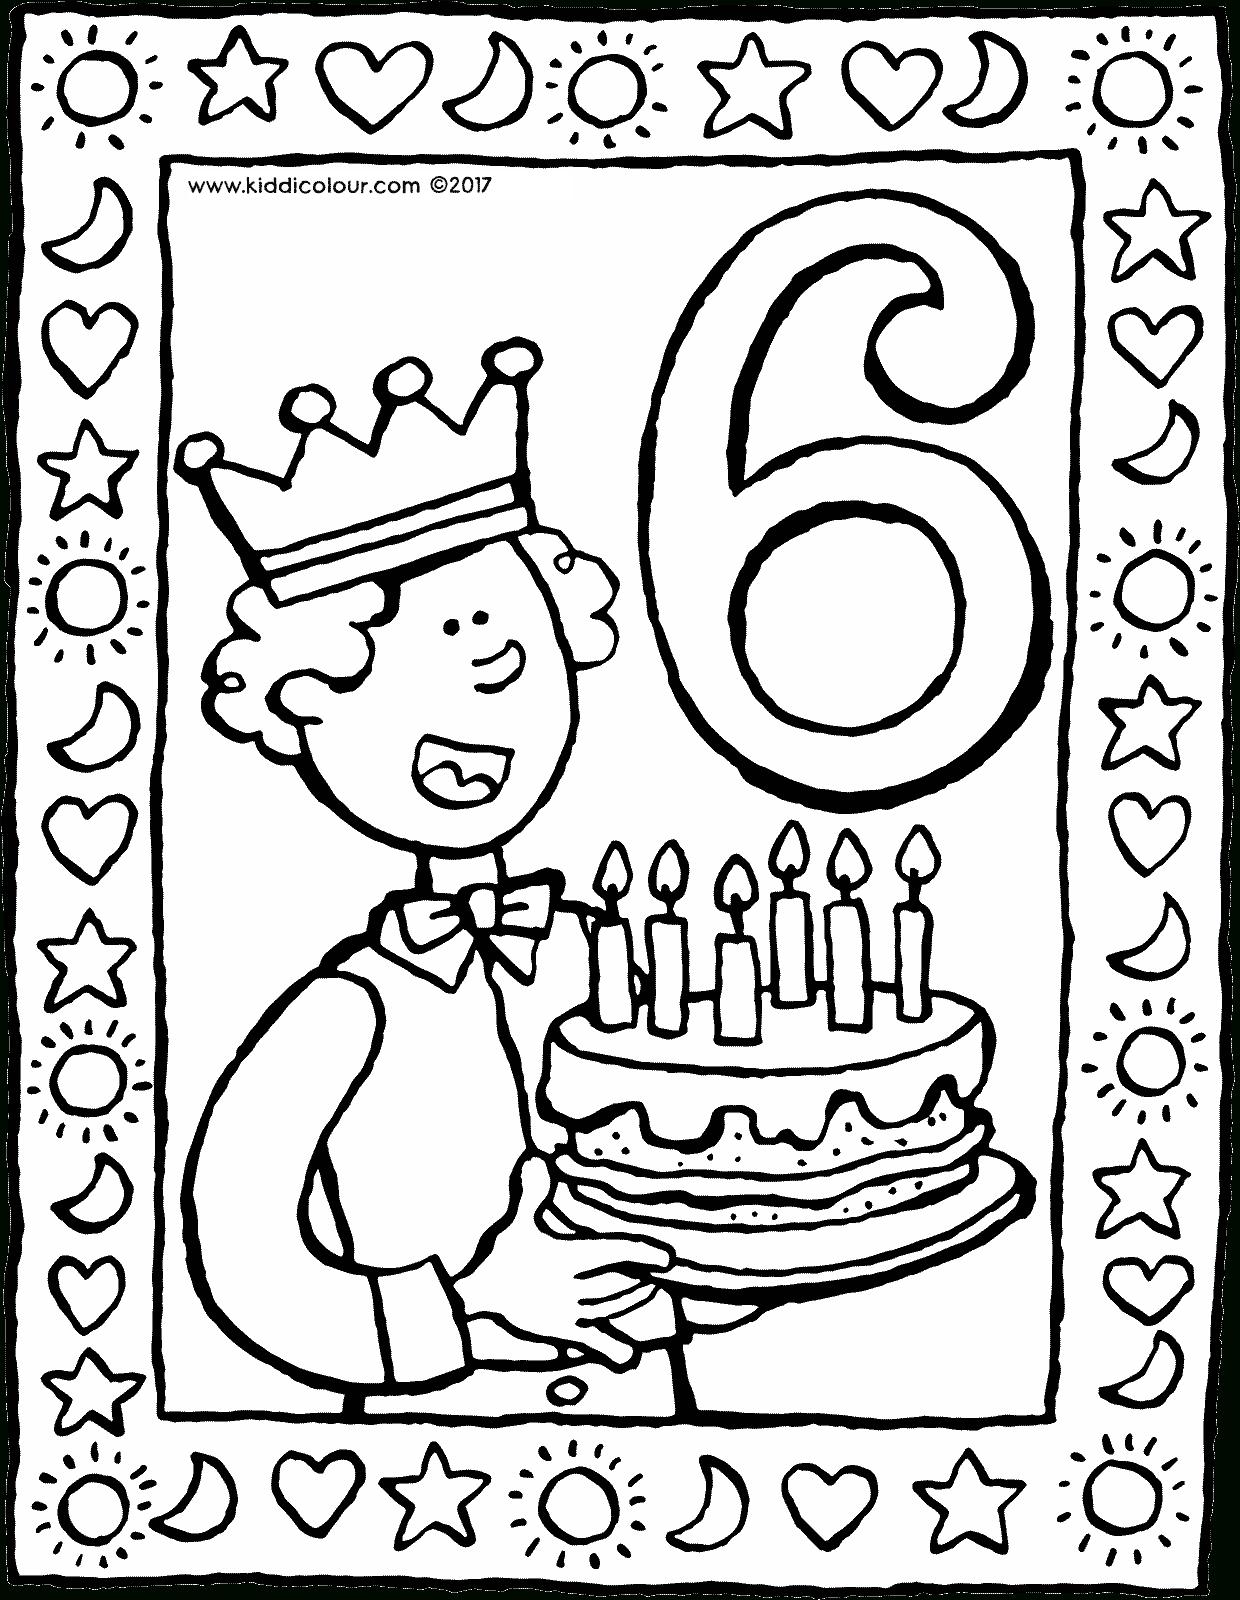 6 geburtstag mit torte  kiddimalseite ganzes malvorlage